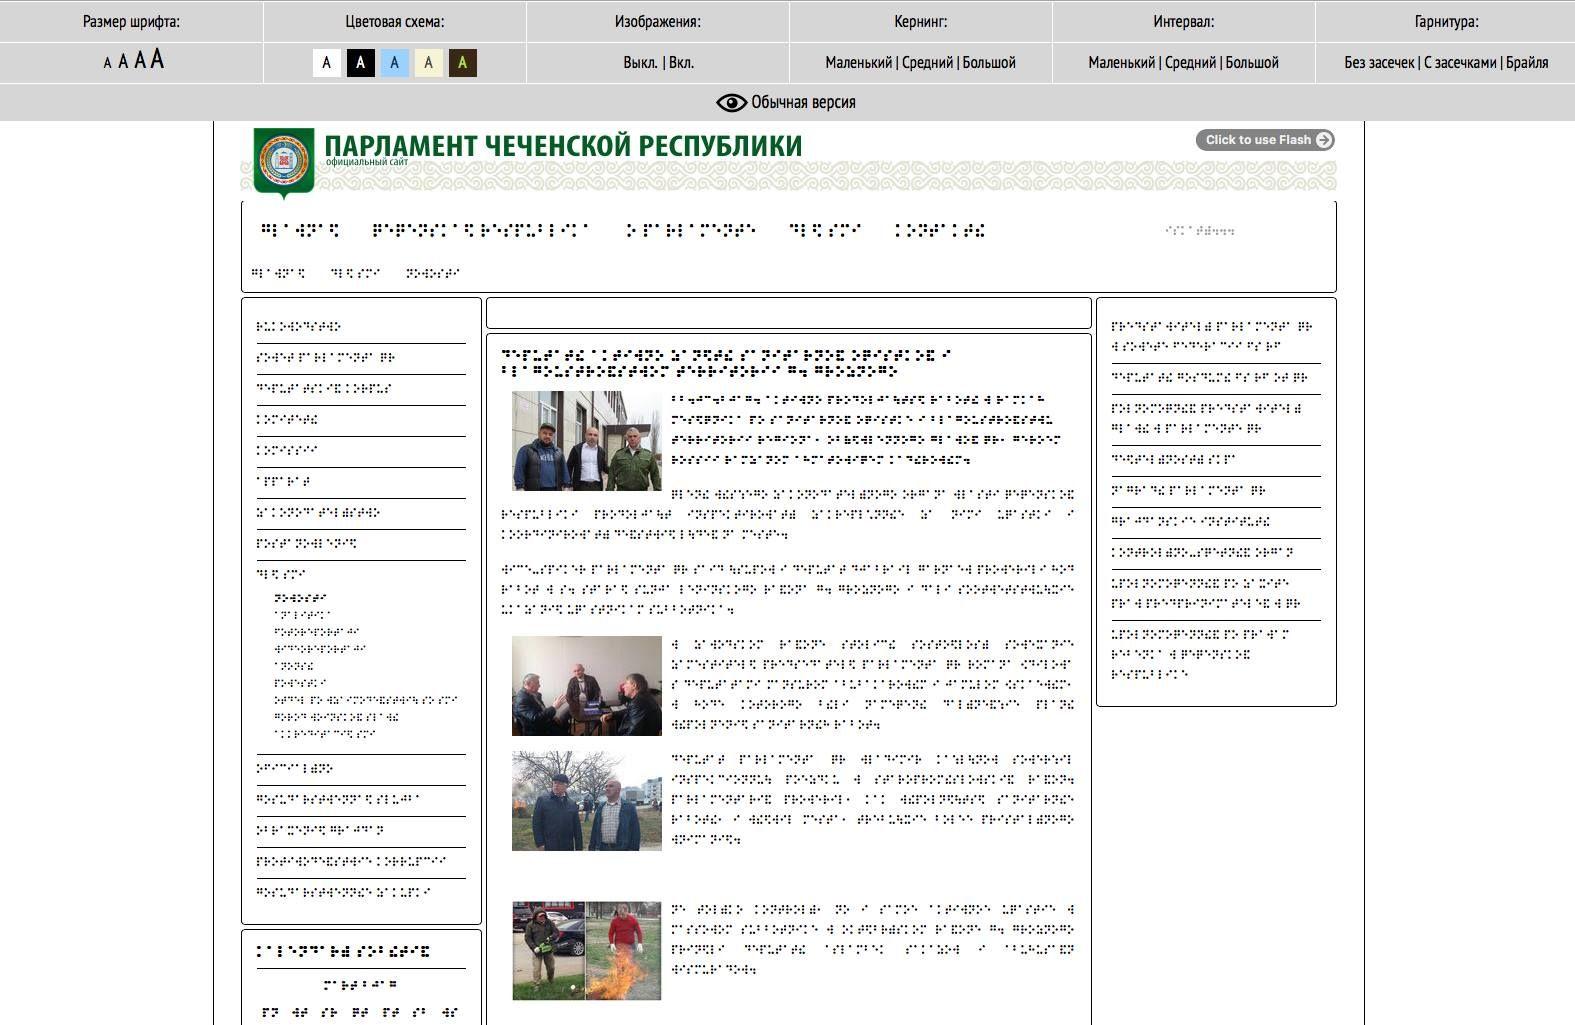 Сайт чеченского парламента получил версию нашрифте Брайля